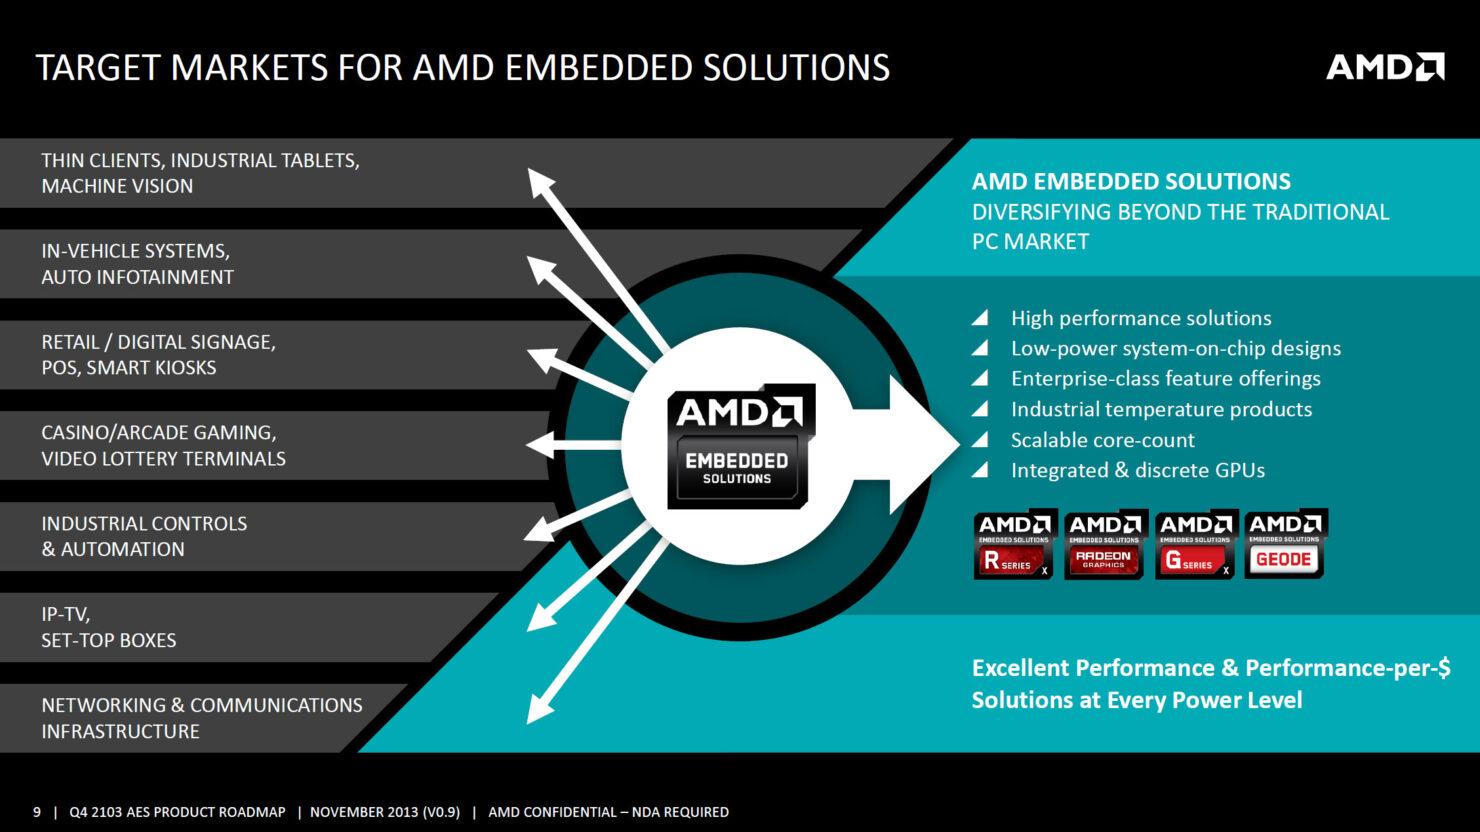 amd-embedded-targert-markets